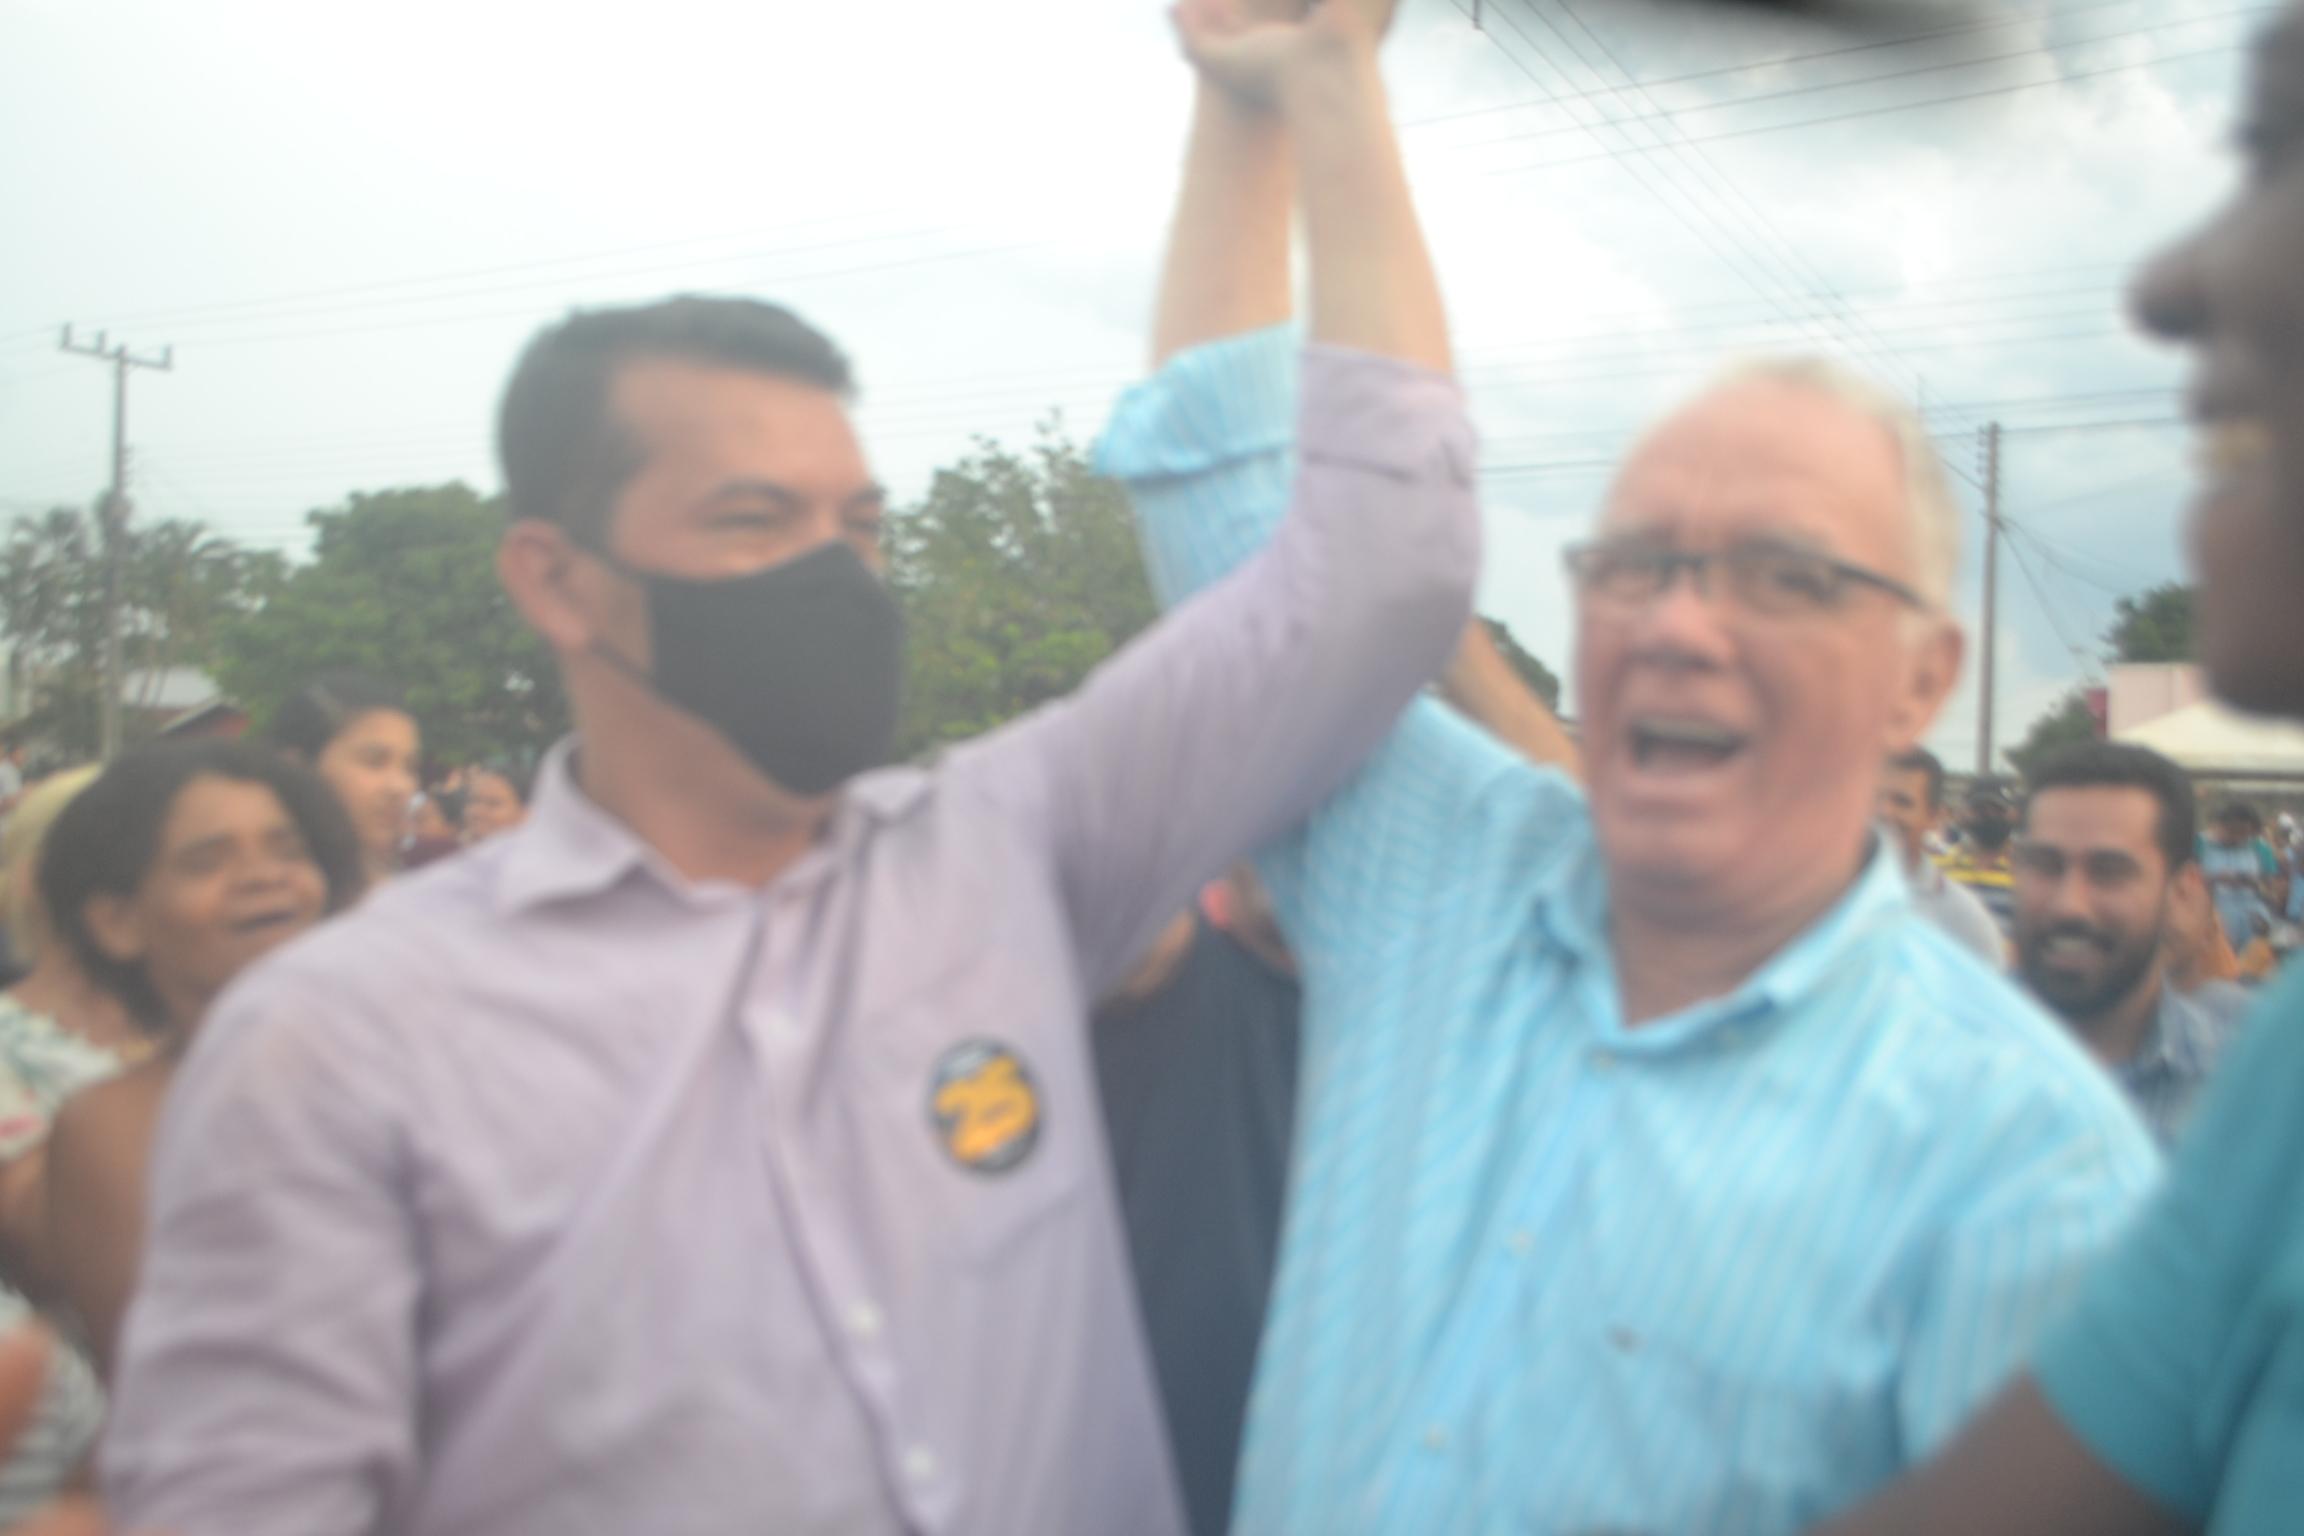 Piagem sucedeu o ex - prefeito Zé do Rui - Foto: Edsom Gilmar/Arquivo